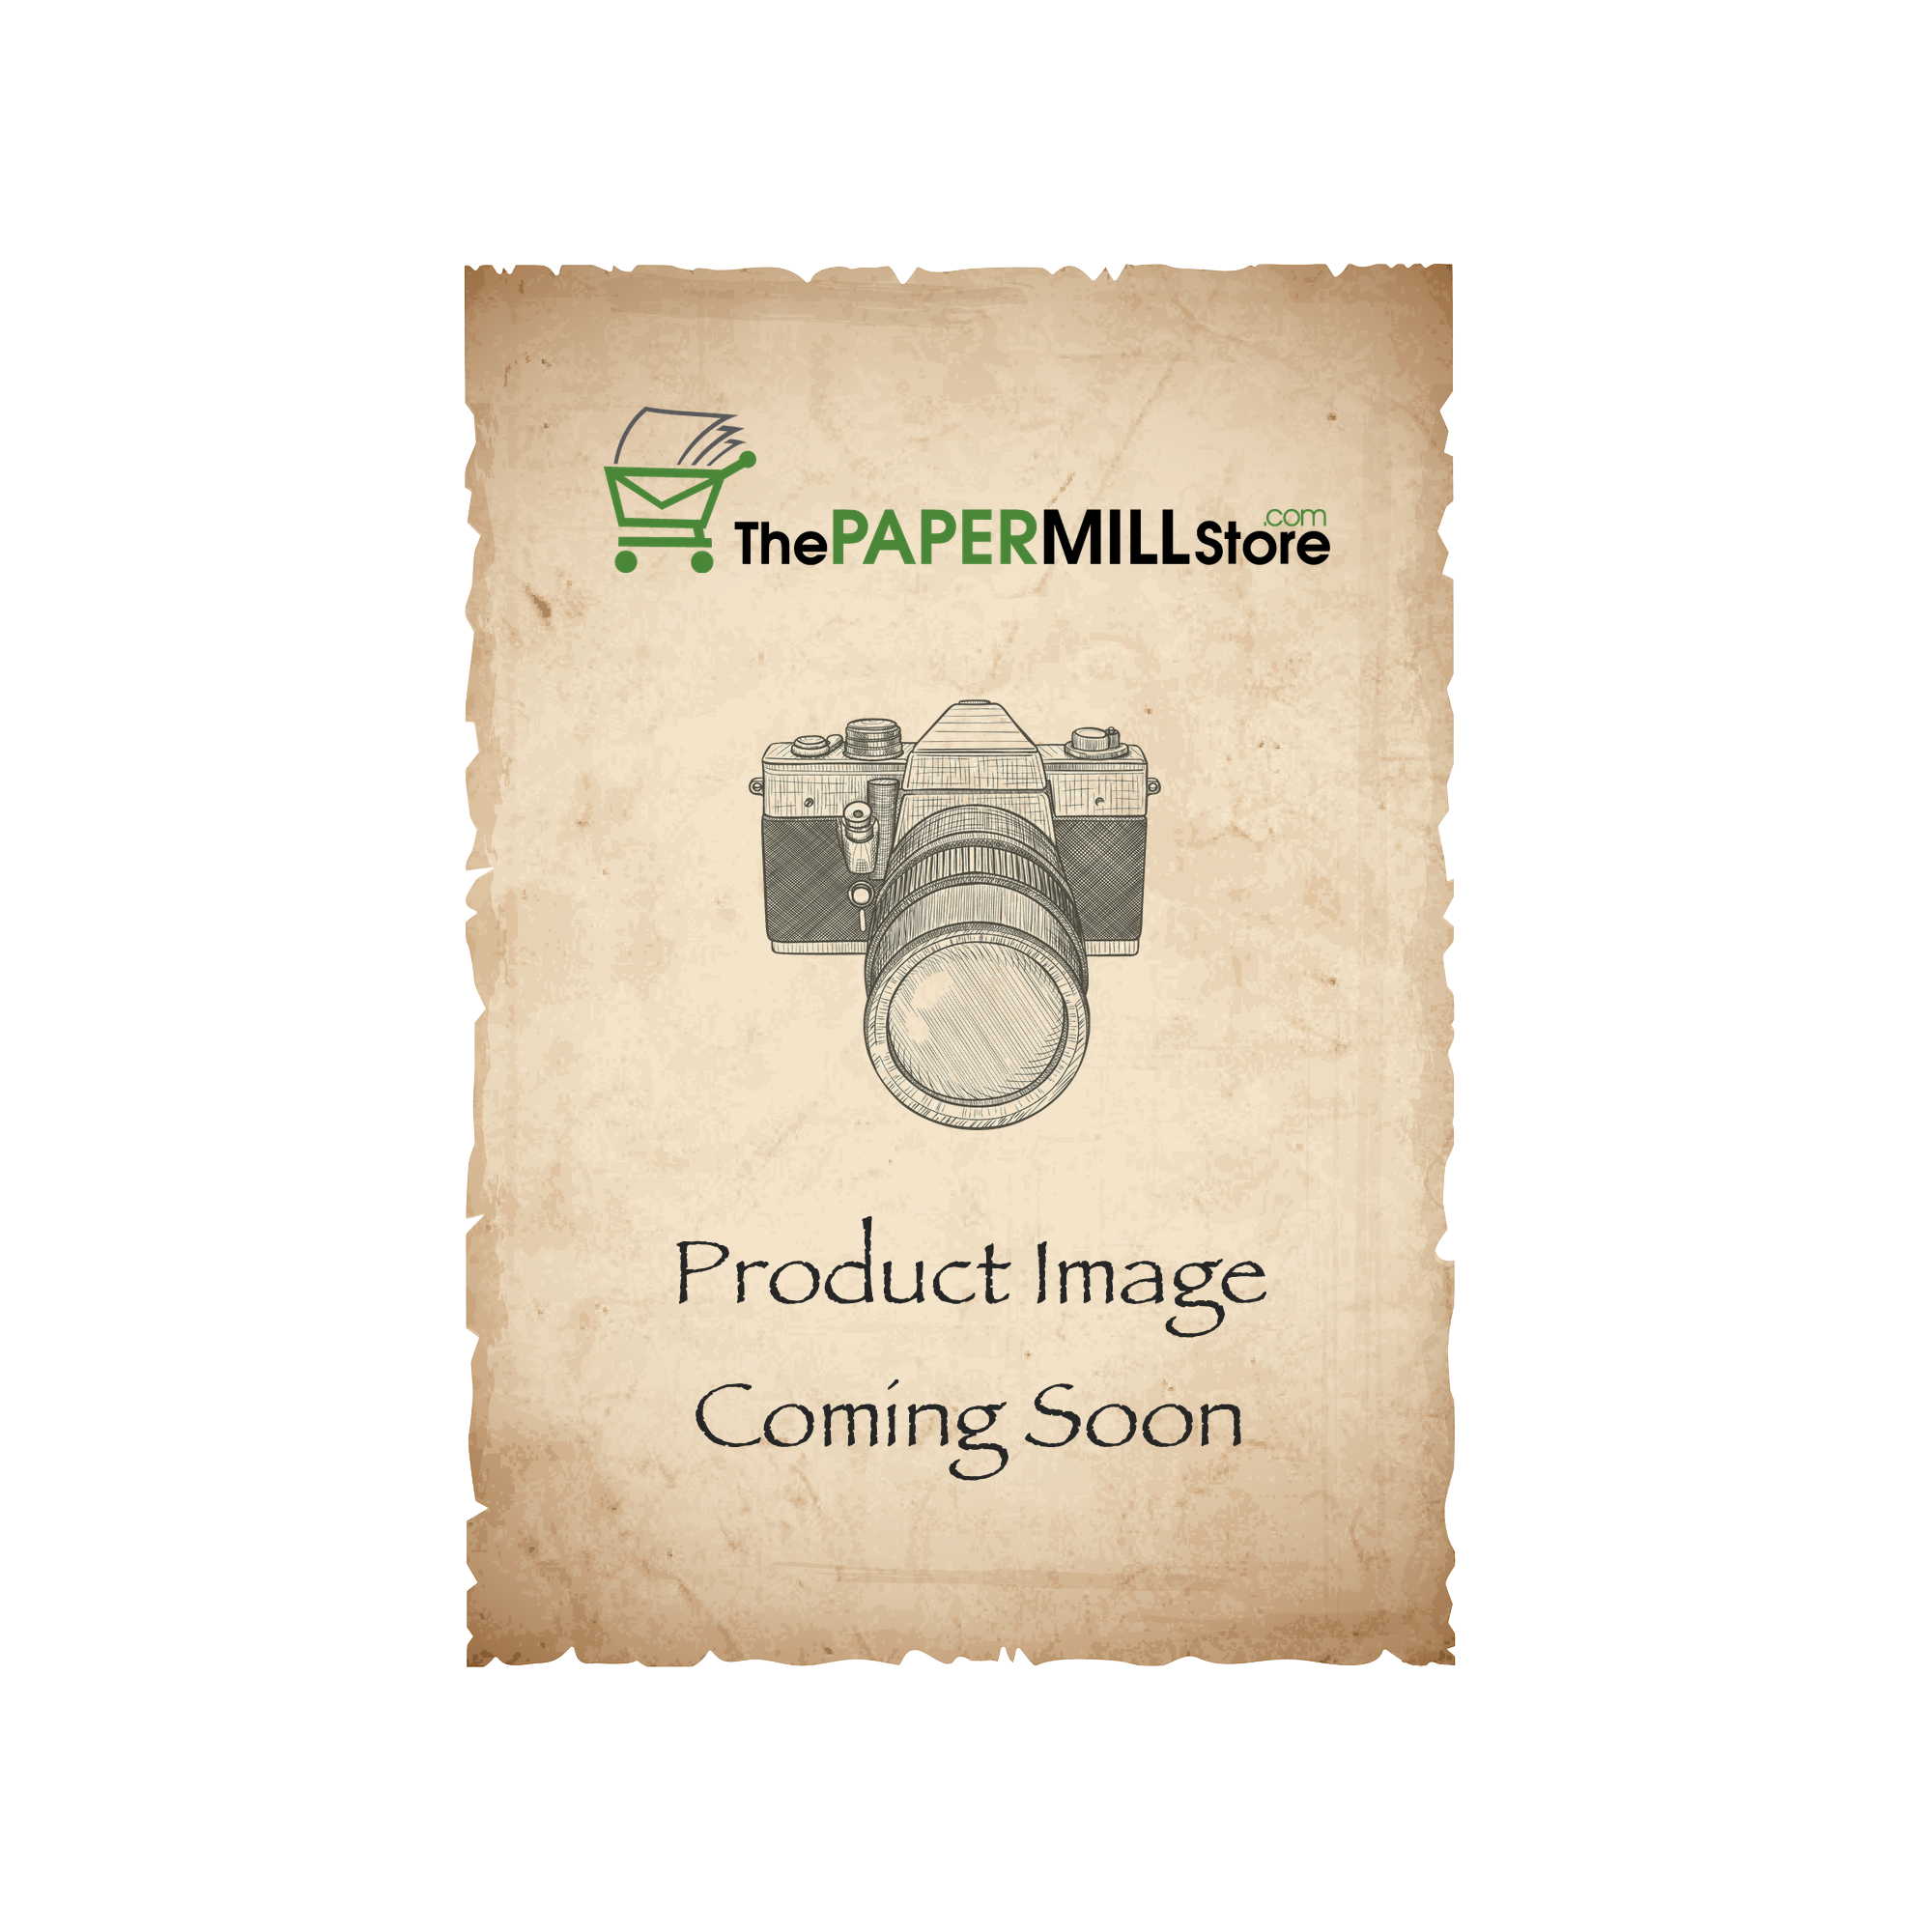 Loop Feltmark Ginger Envelopes - A6 (4 3/4 x 6 1/2) 80 lb Text Feltmark  100% Recycled 250 per Box